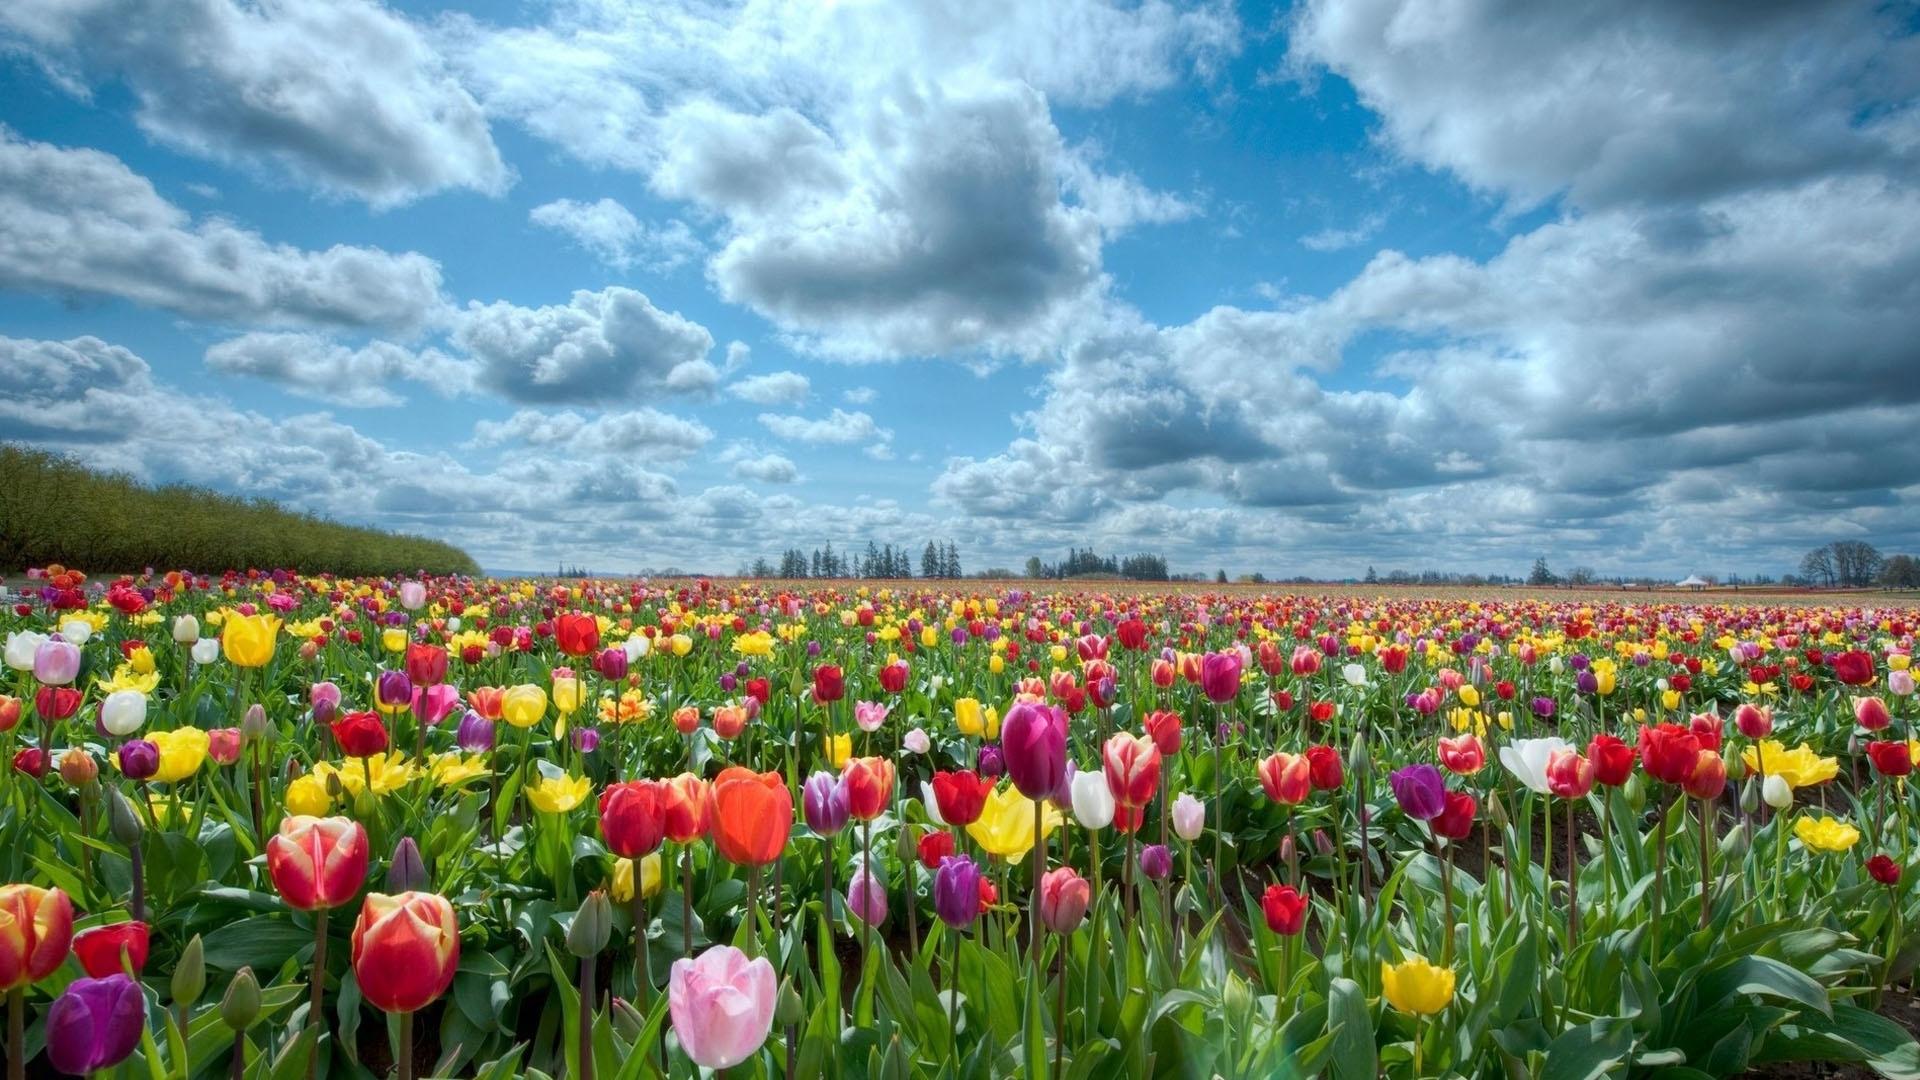 بالصور صور الورد , اجمل ورد ممكن تشوفه 3094 6